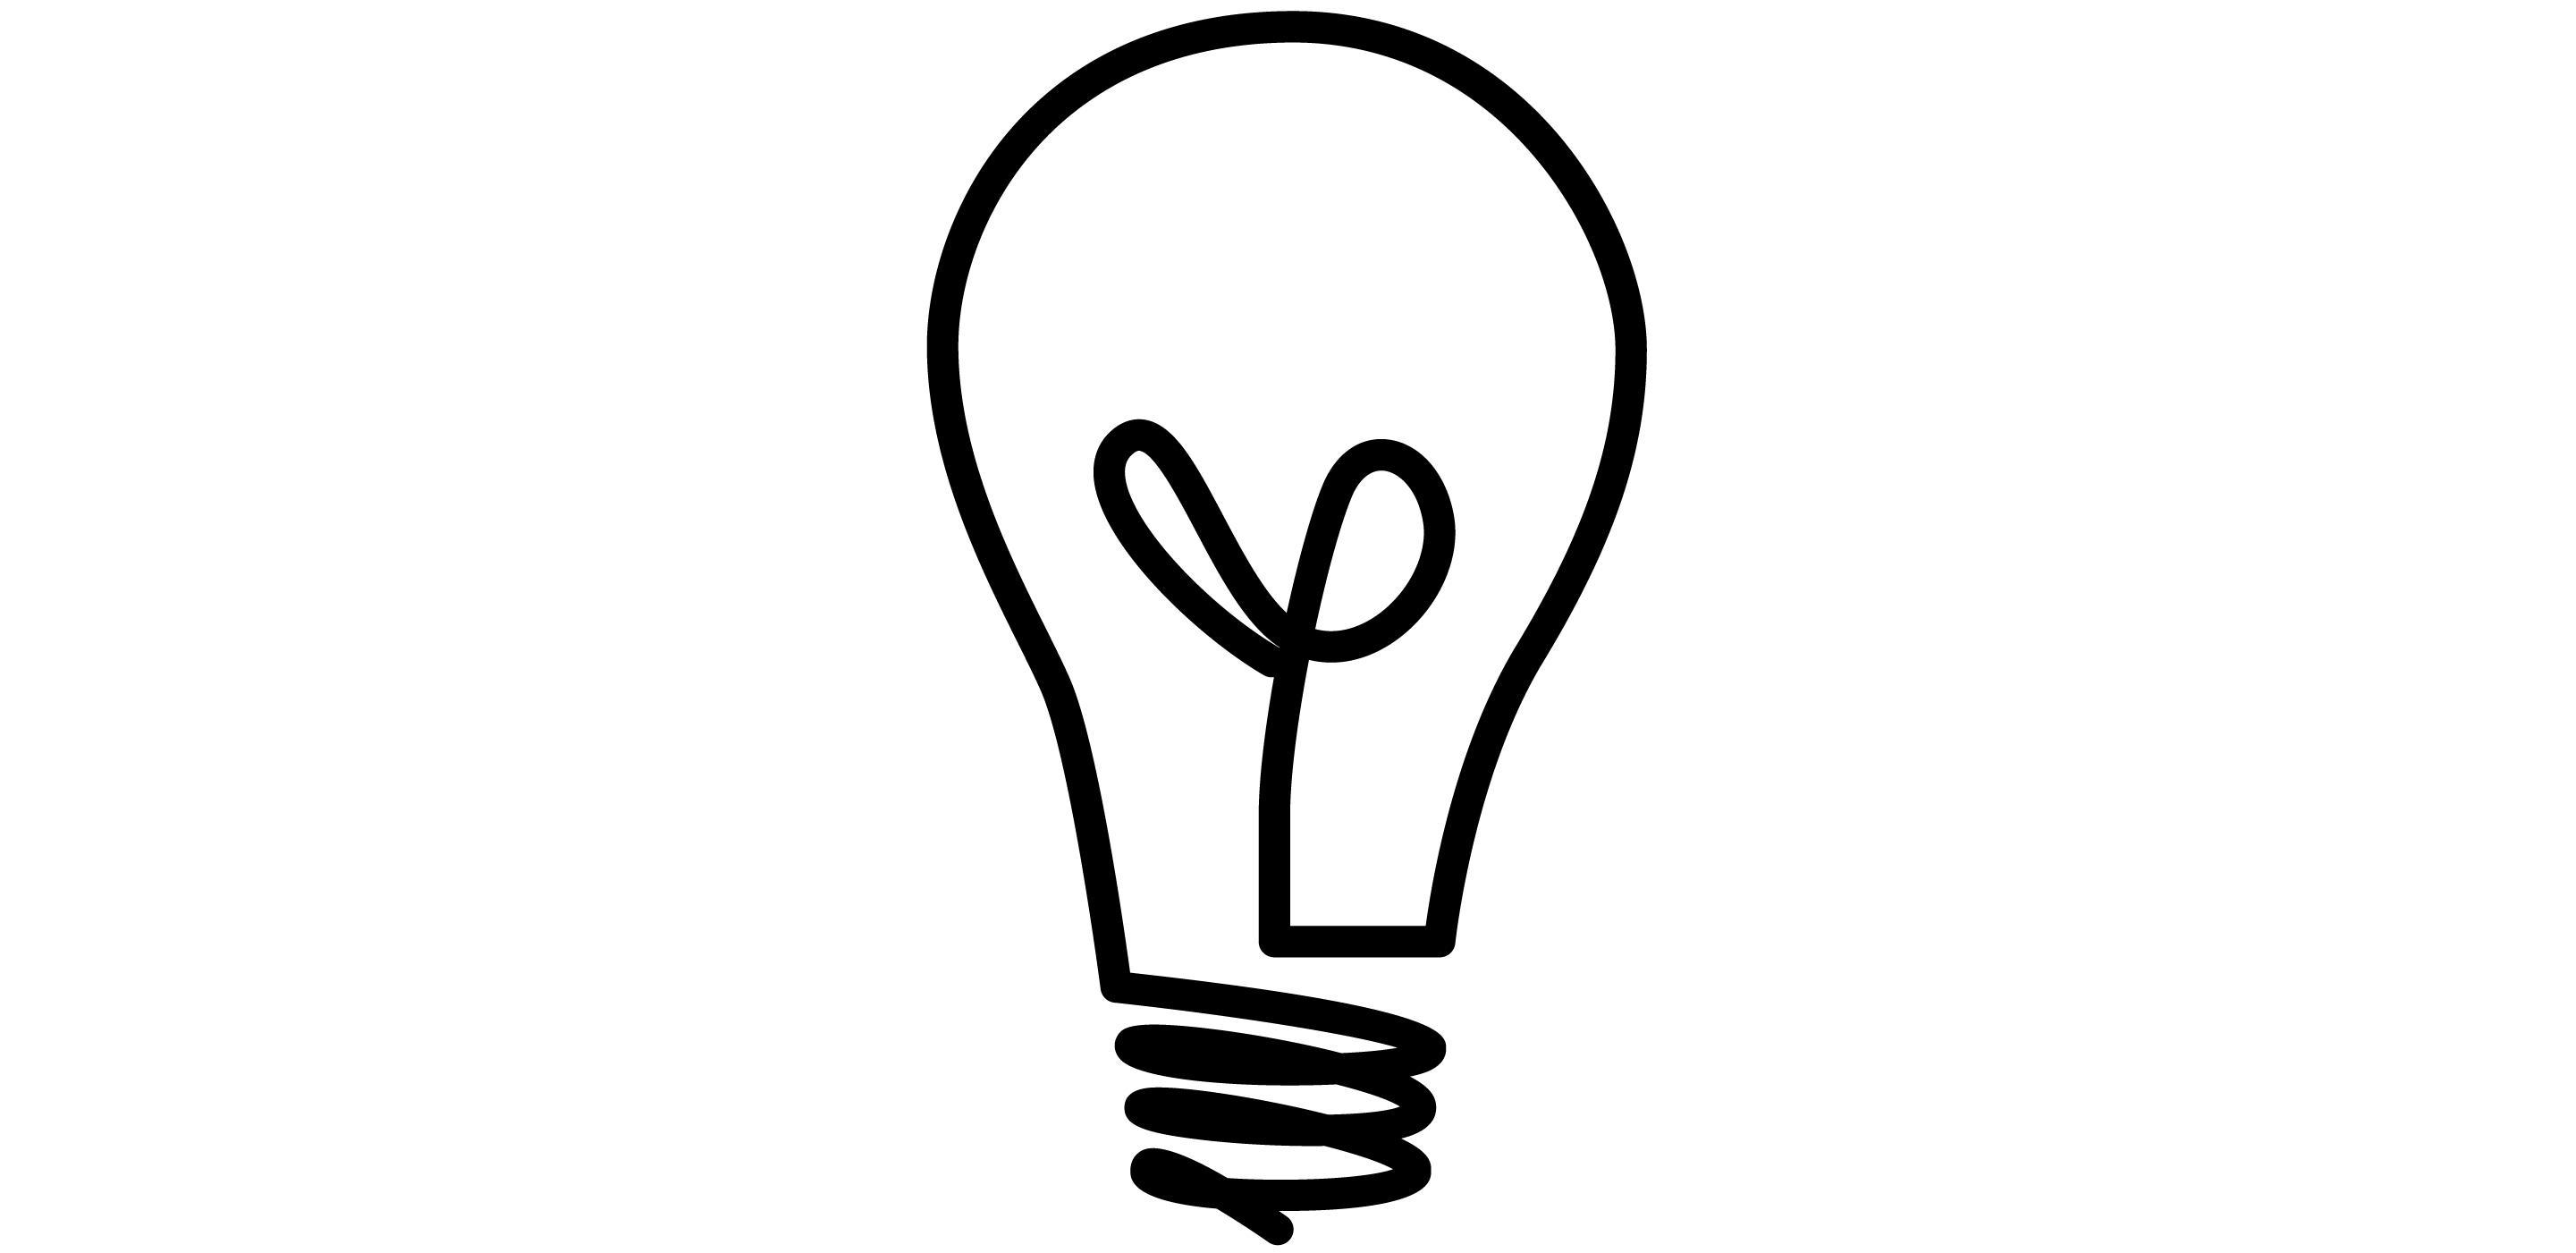 10 Lightbulb Clipart